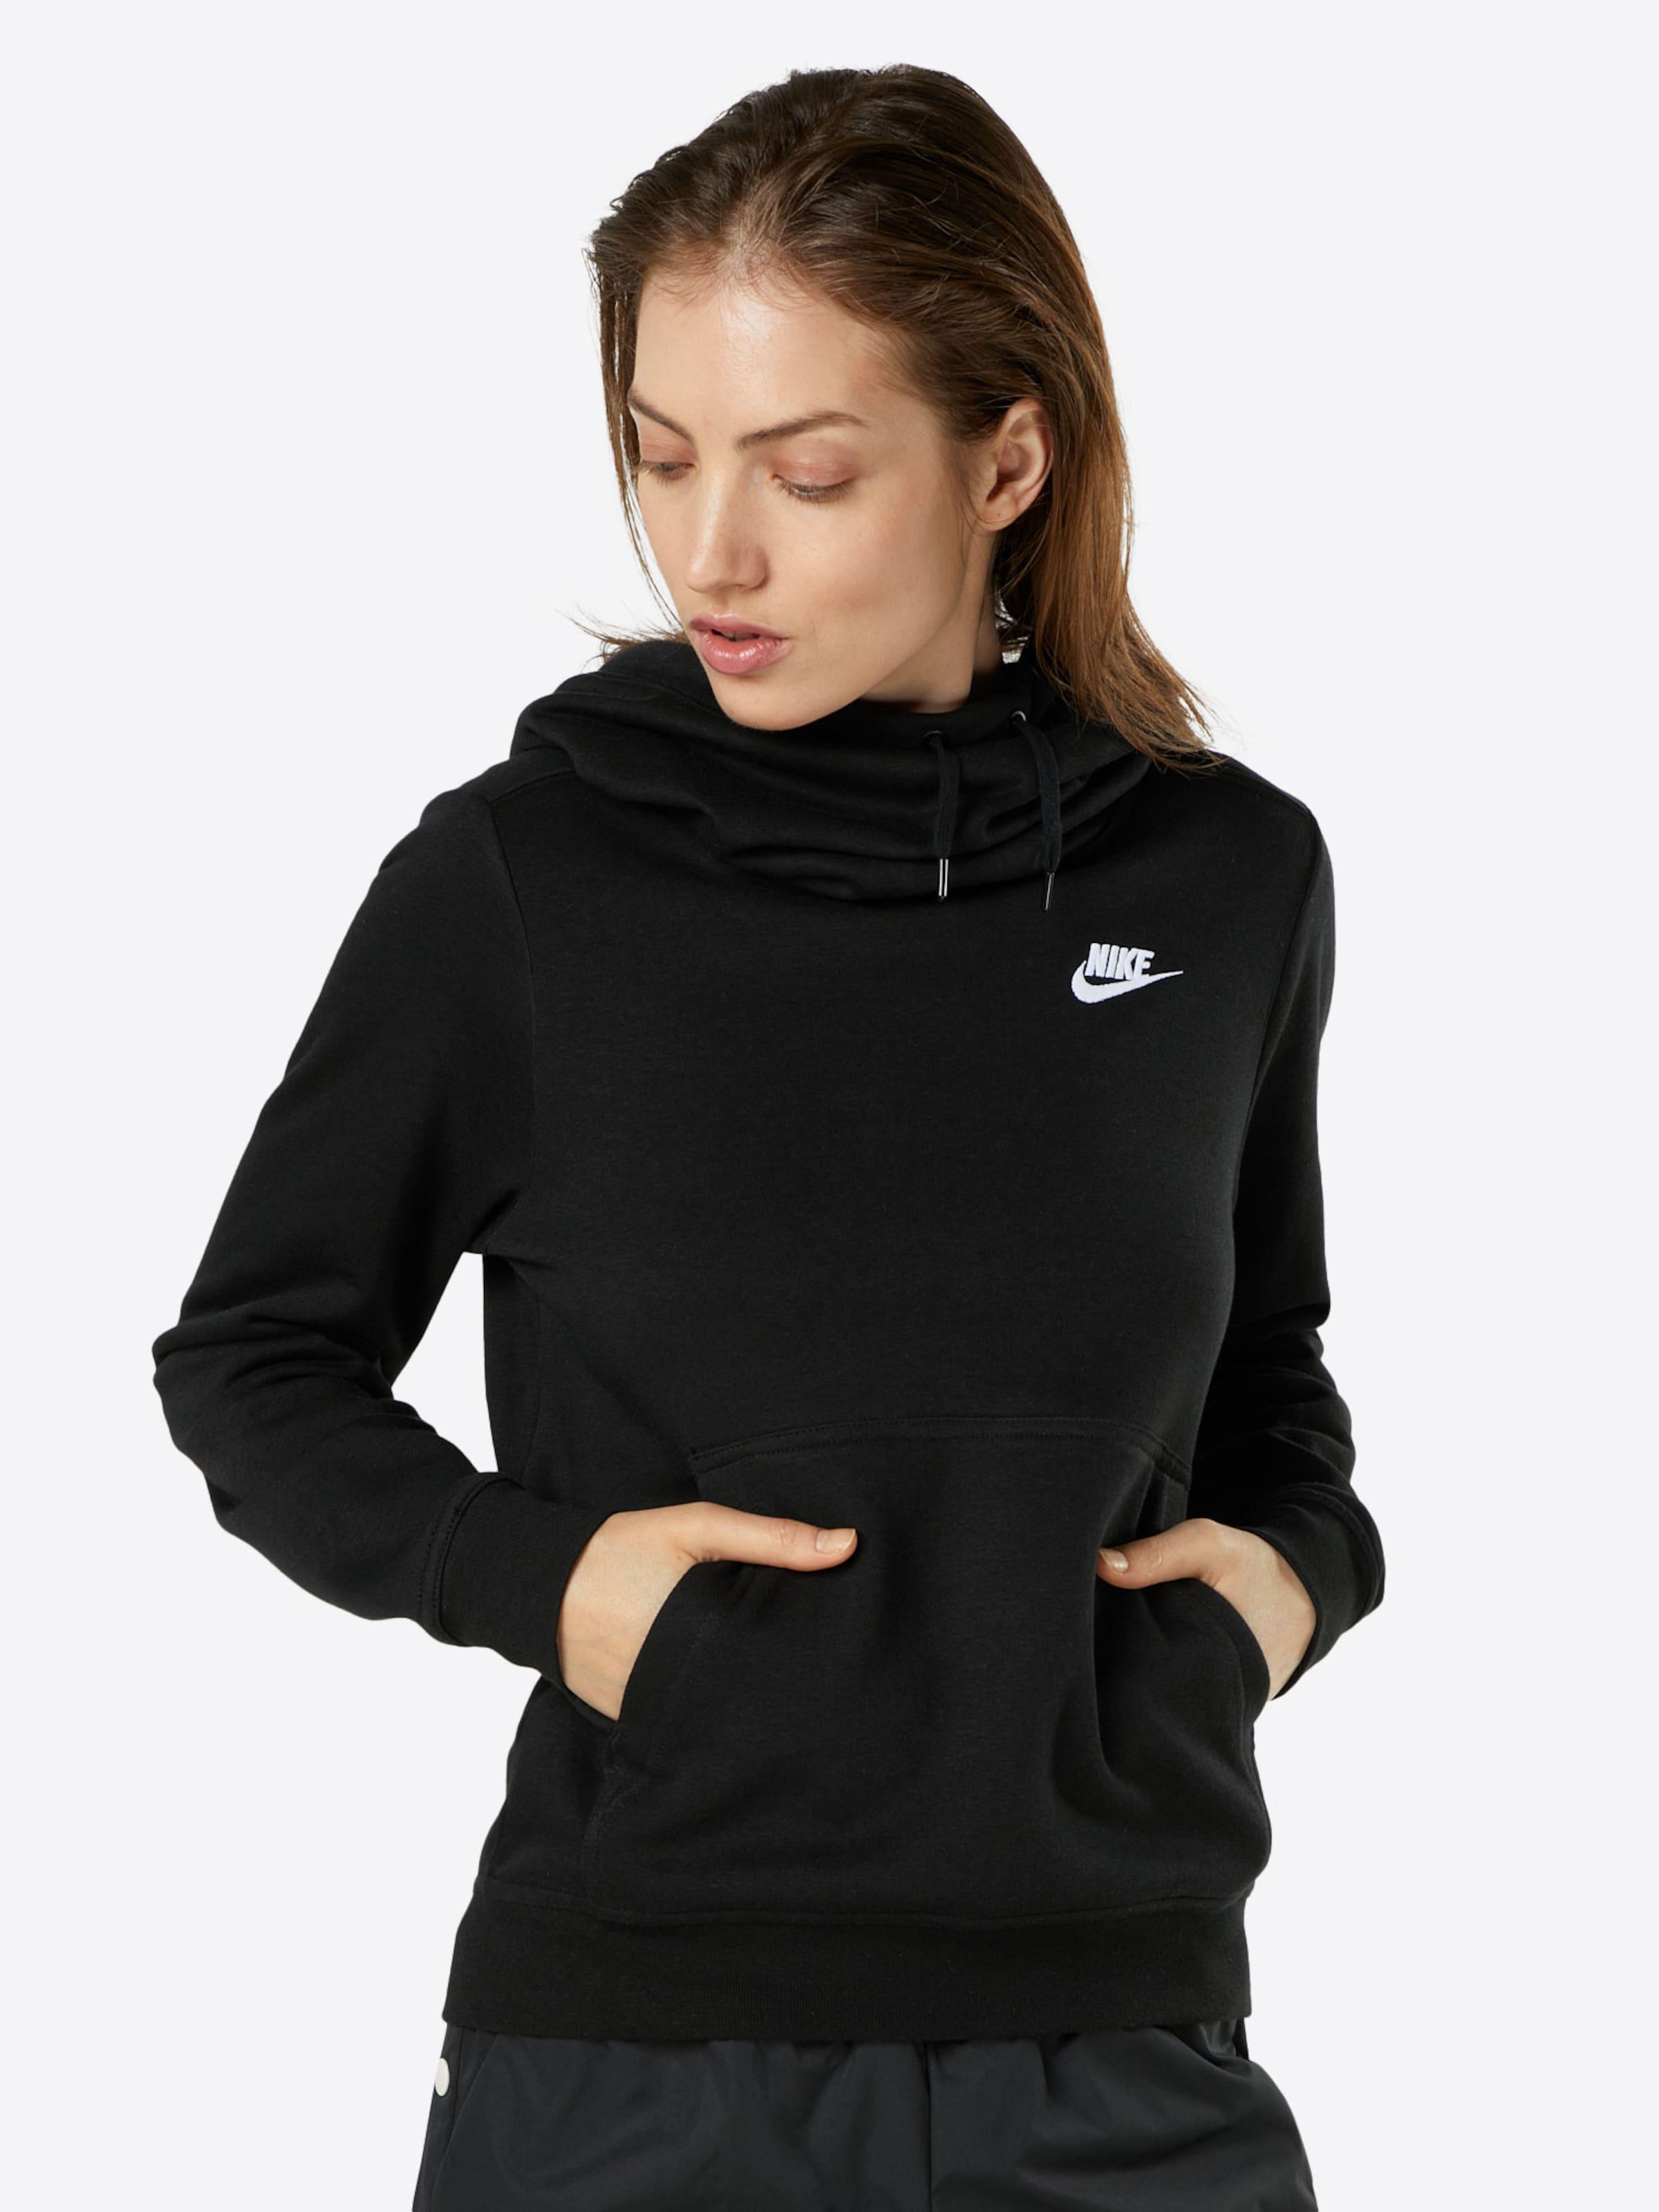 Sportswear Nike En Sweat shirt GrisBlanc K3FJT5lcu1